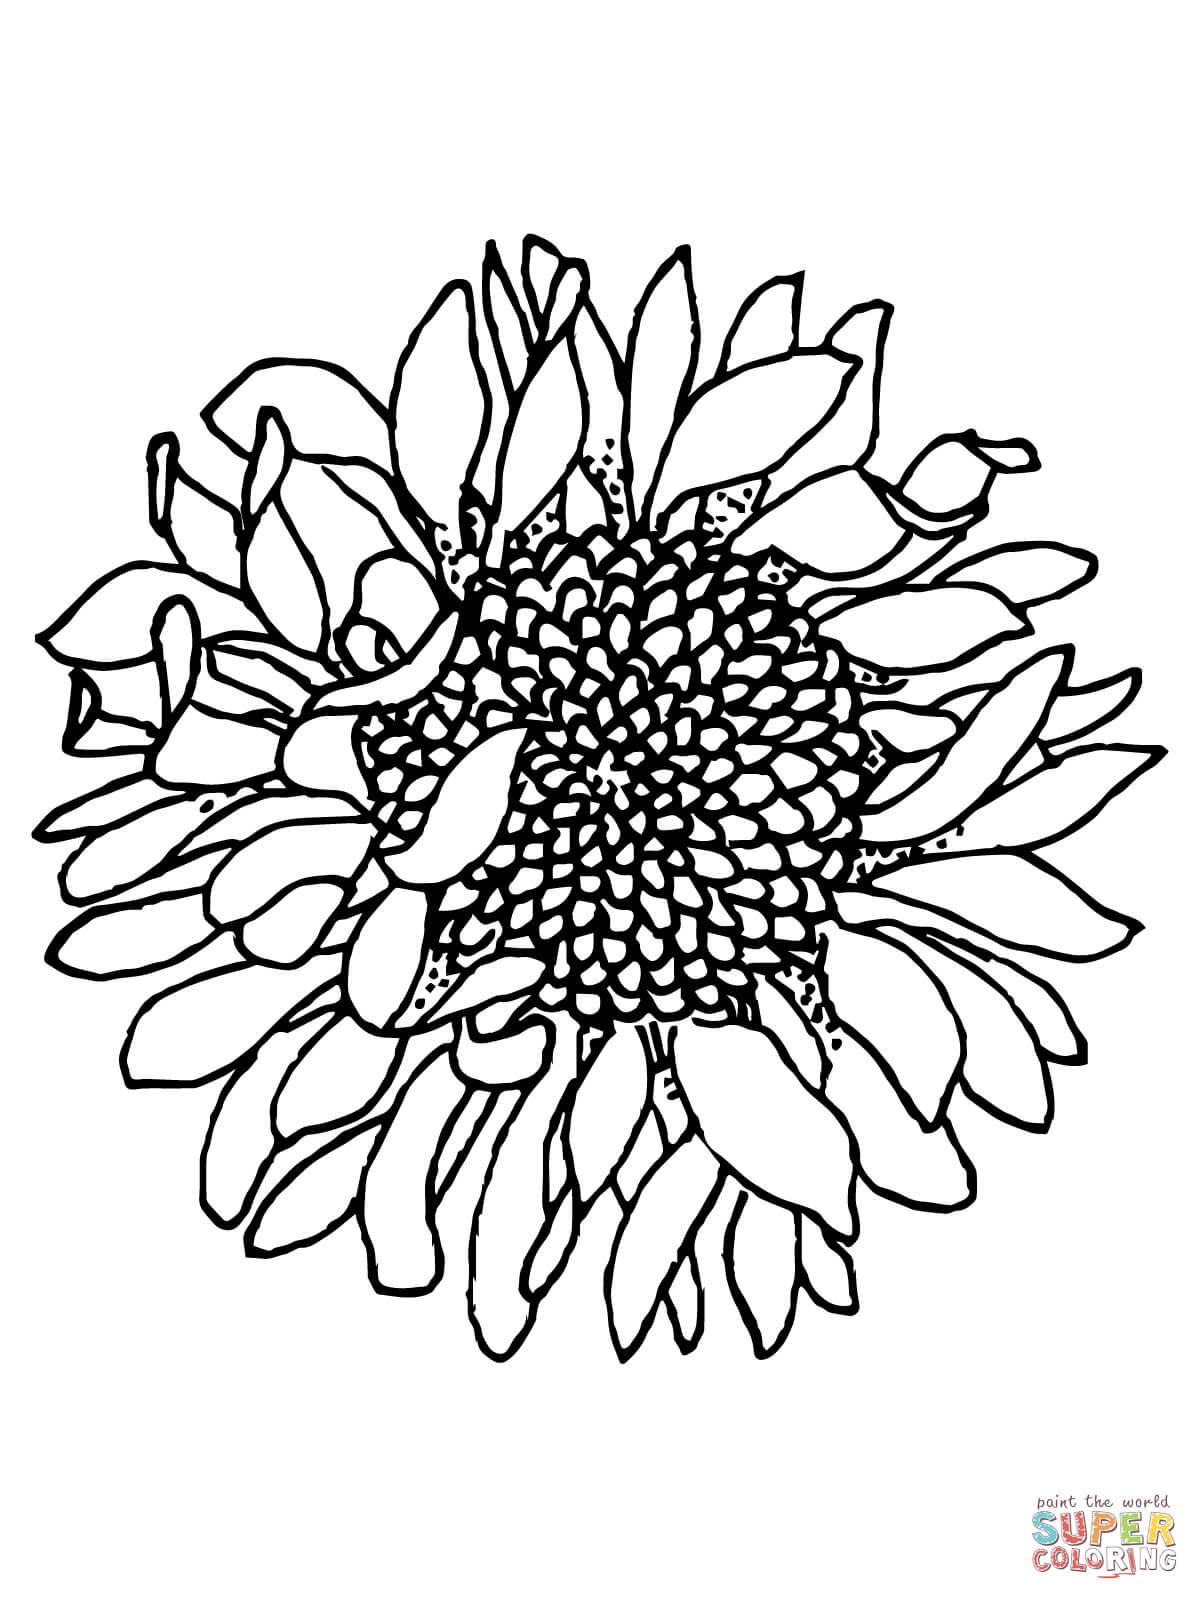 Unique Sunflowers Coloring Pages Images